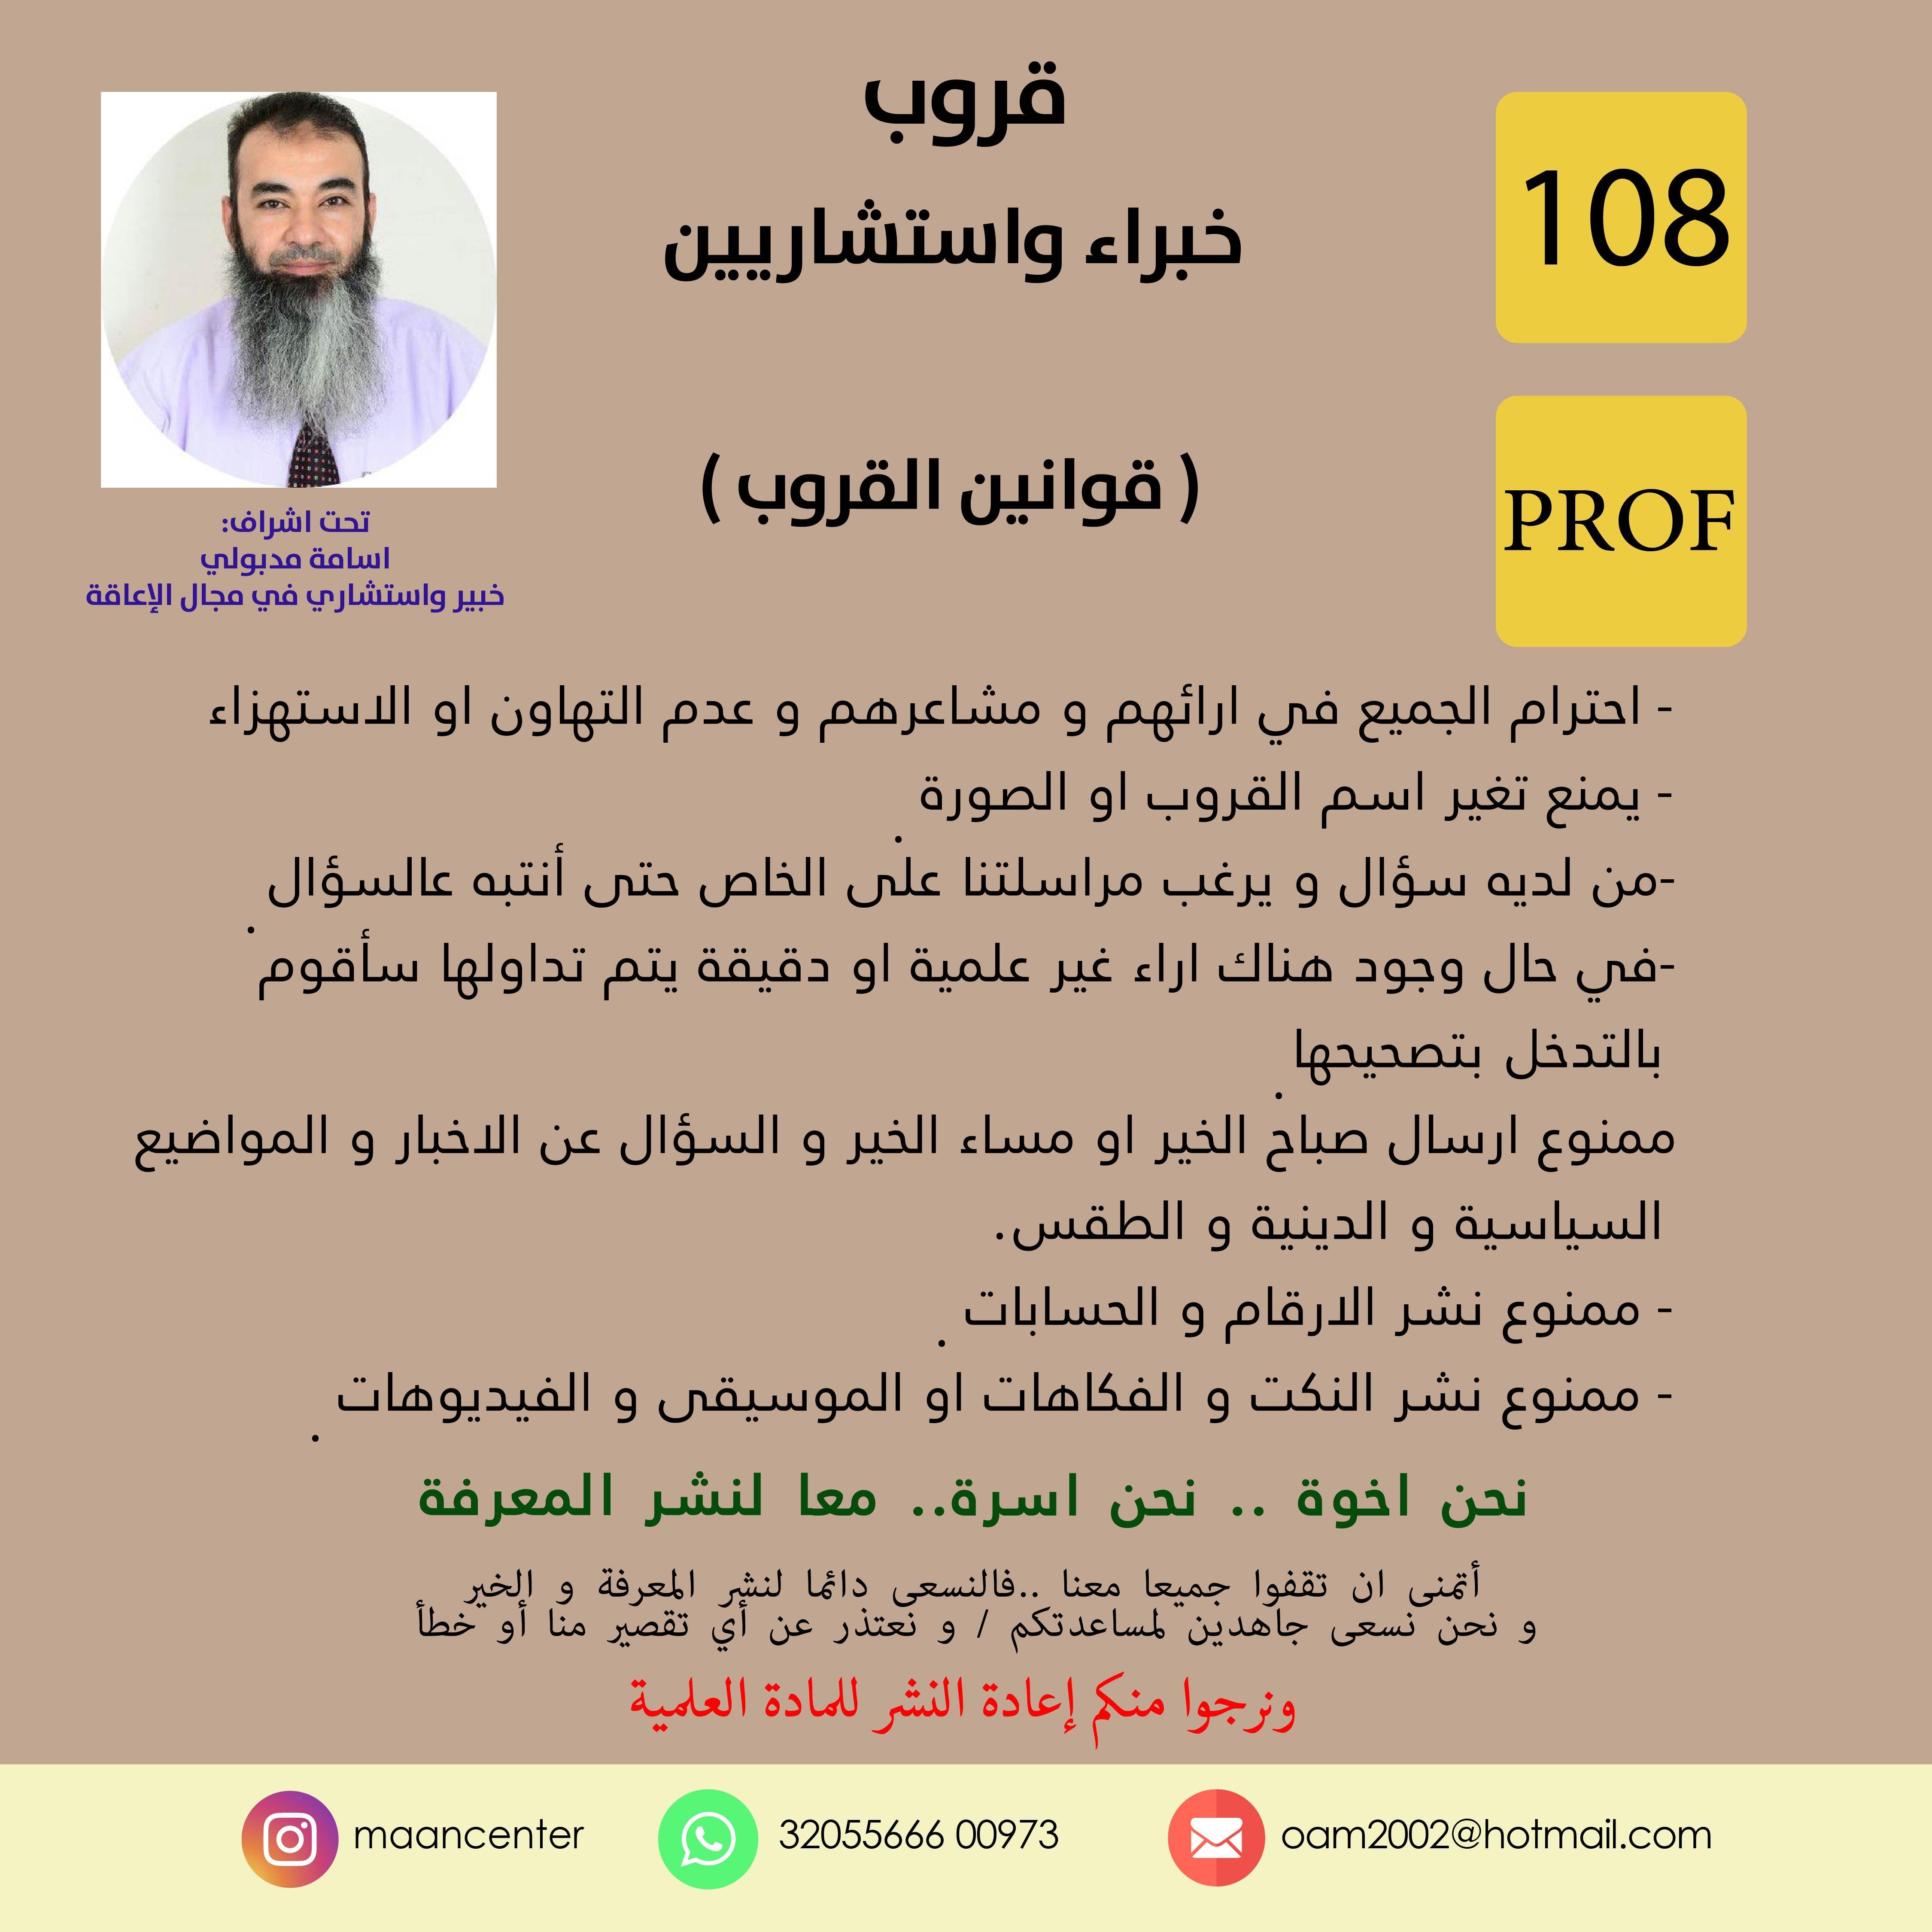 من يرغب للانضمام في قروب خبراء واستشاريين التواصل على رقم 32055666 Islamic Images Image